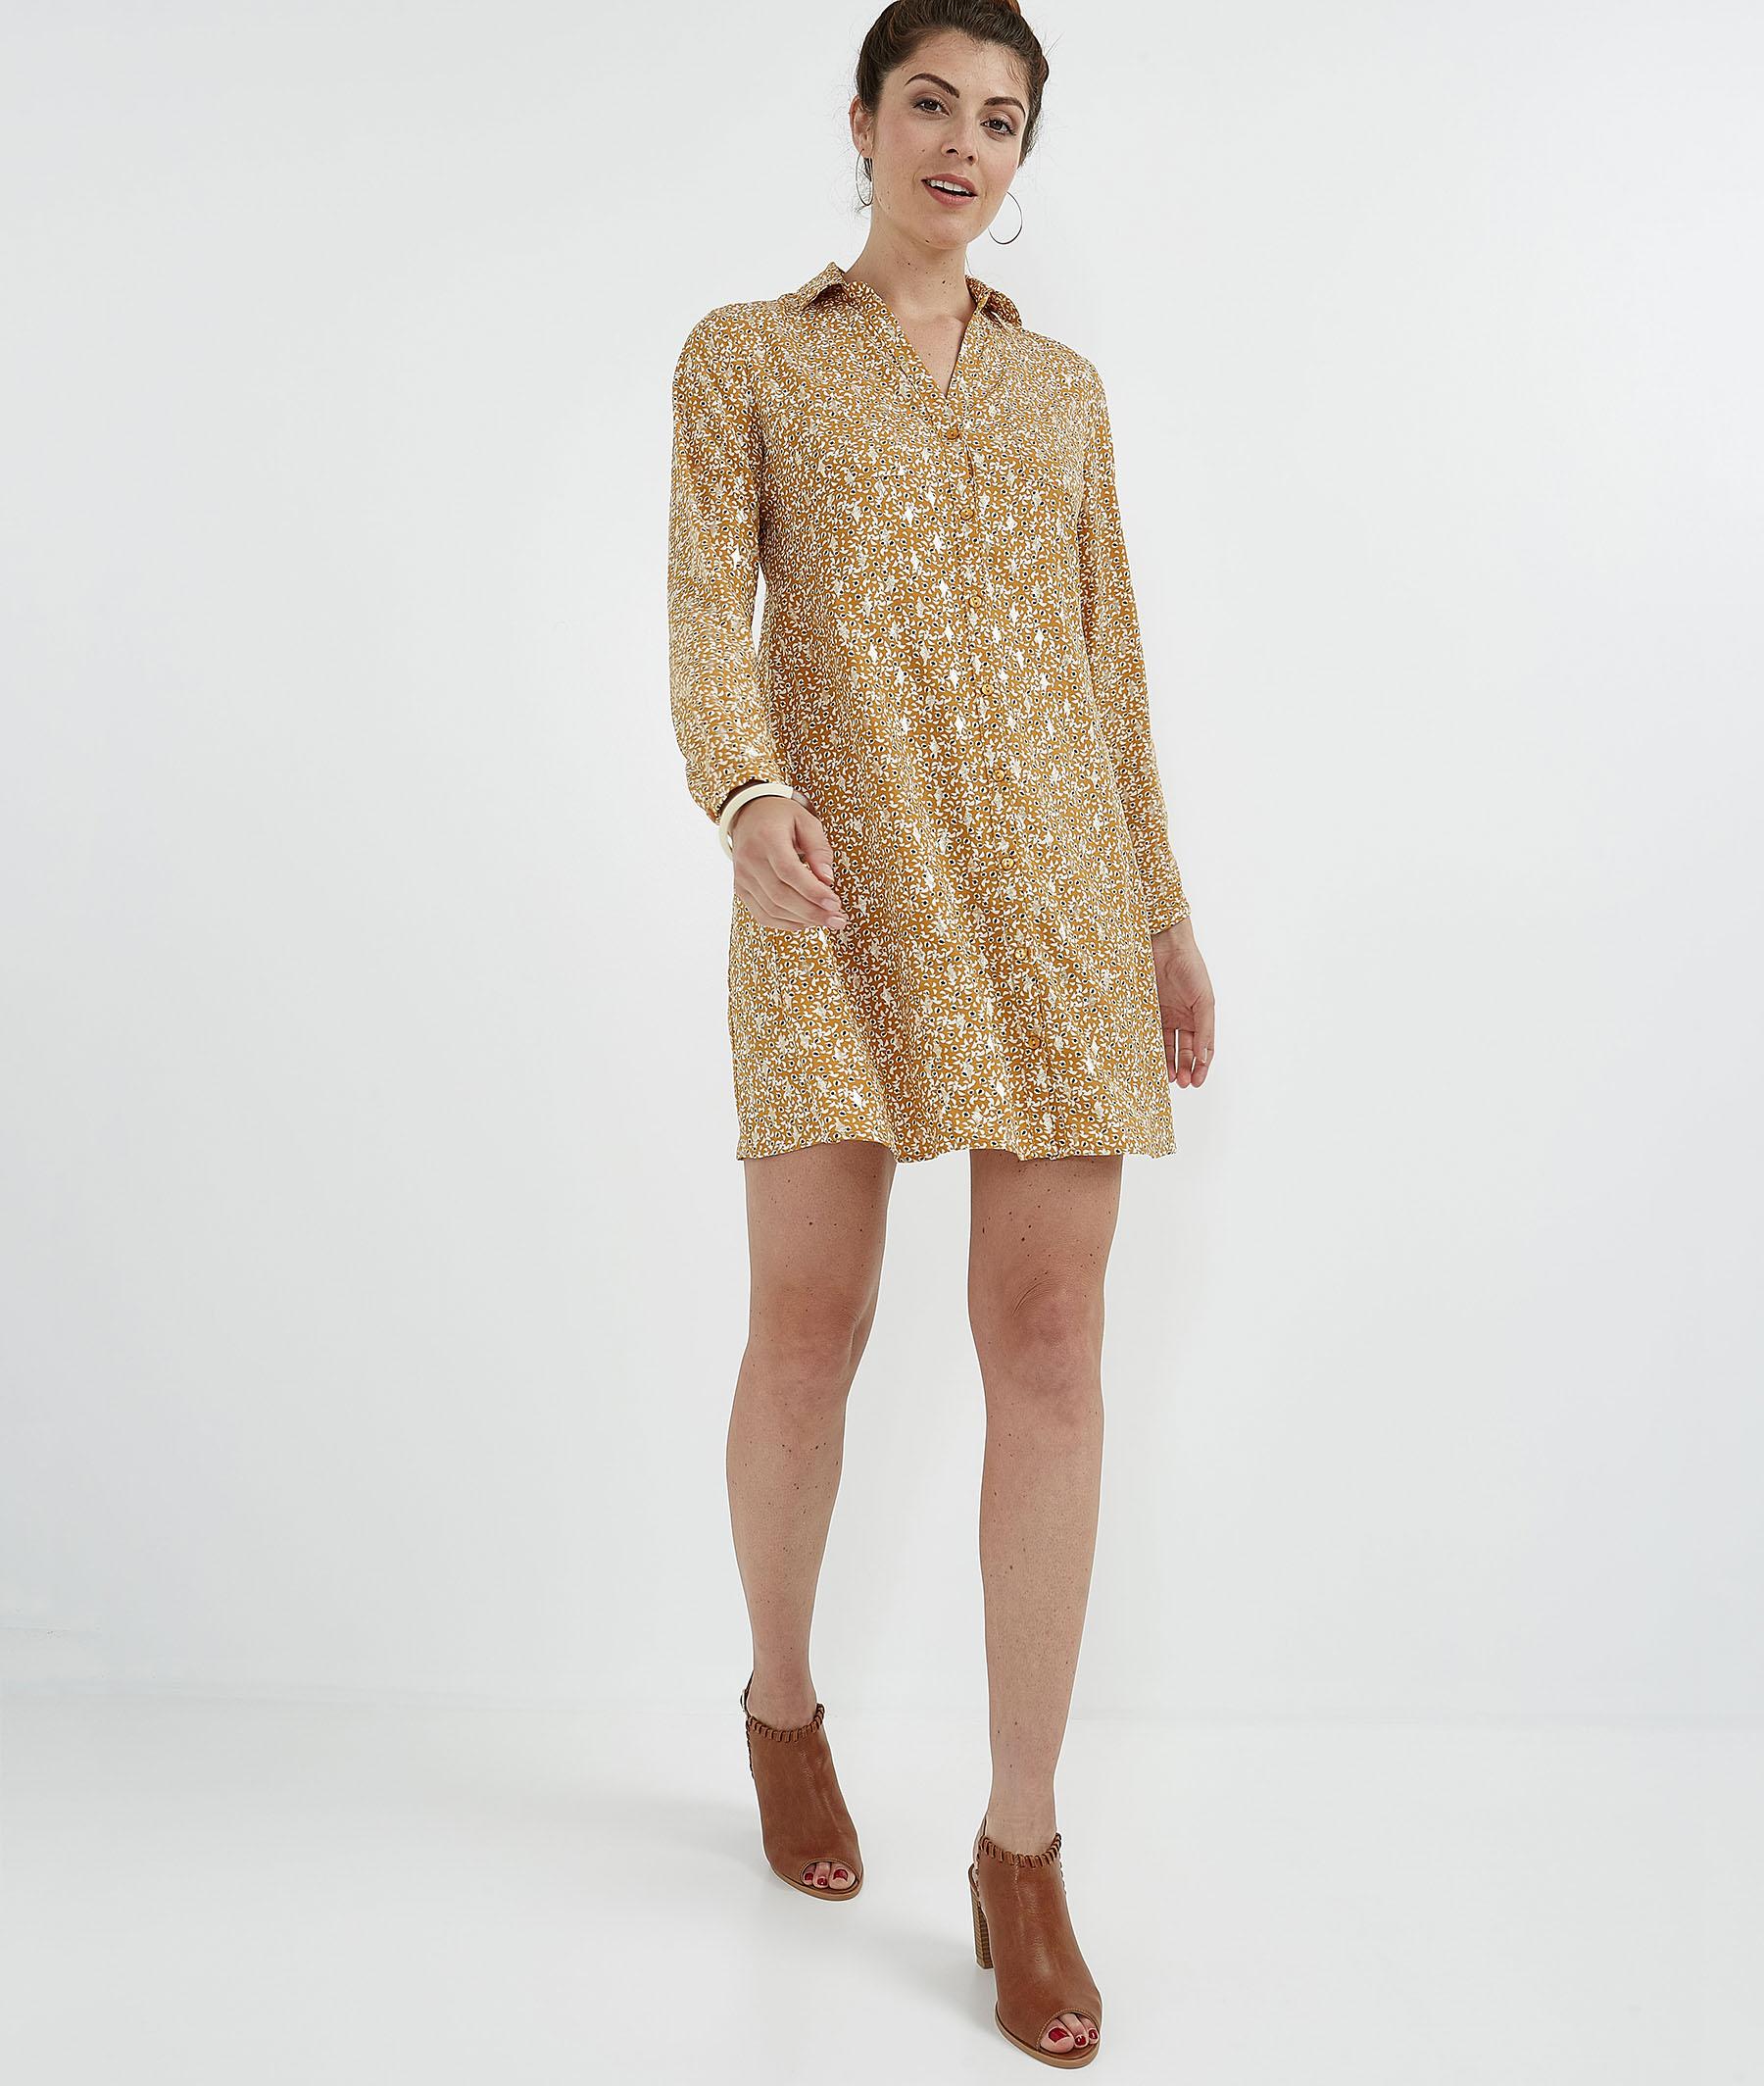 Robe chemise femme imprimée SAFRAN